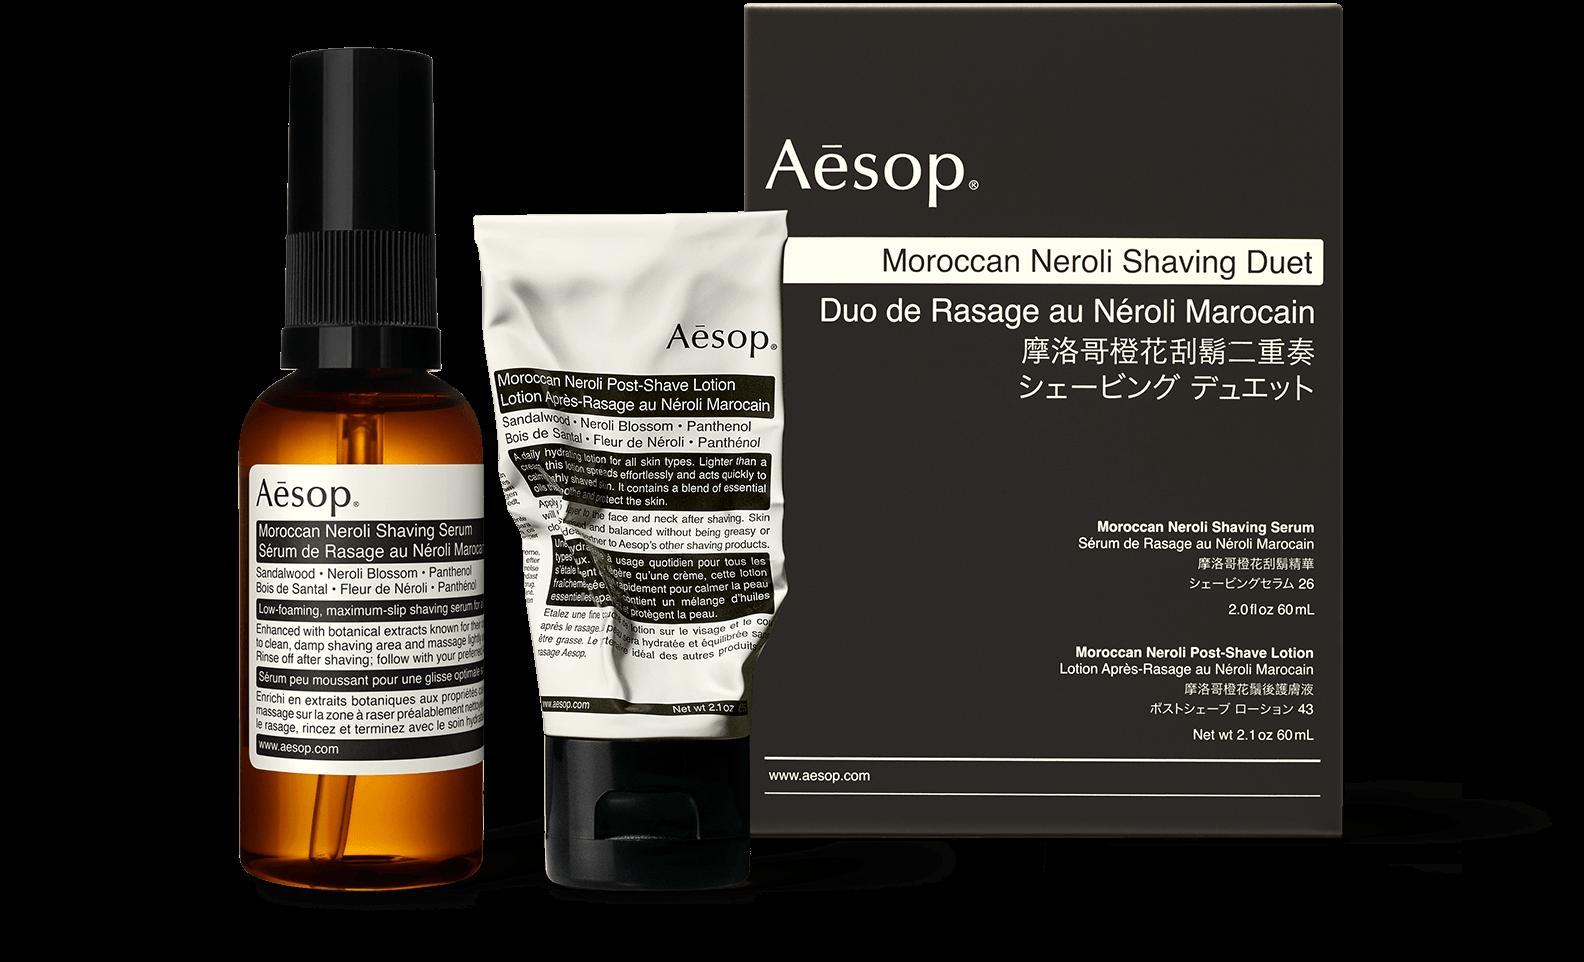 Aesop's Moroccan Neroli Shaving Duet, $110